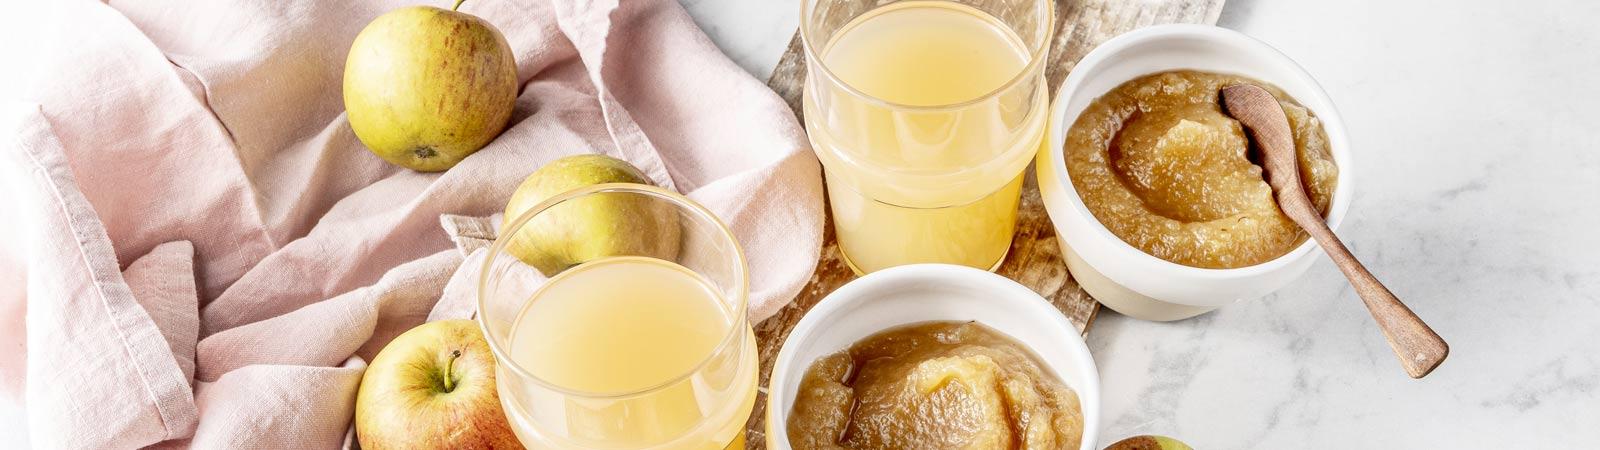 Compotes et purées de fruits